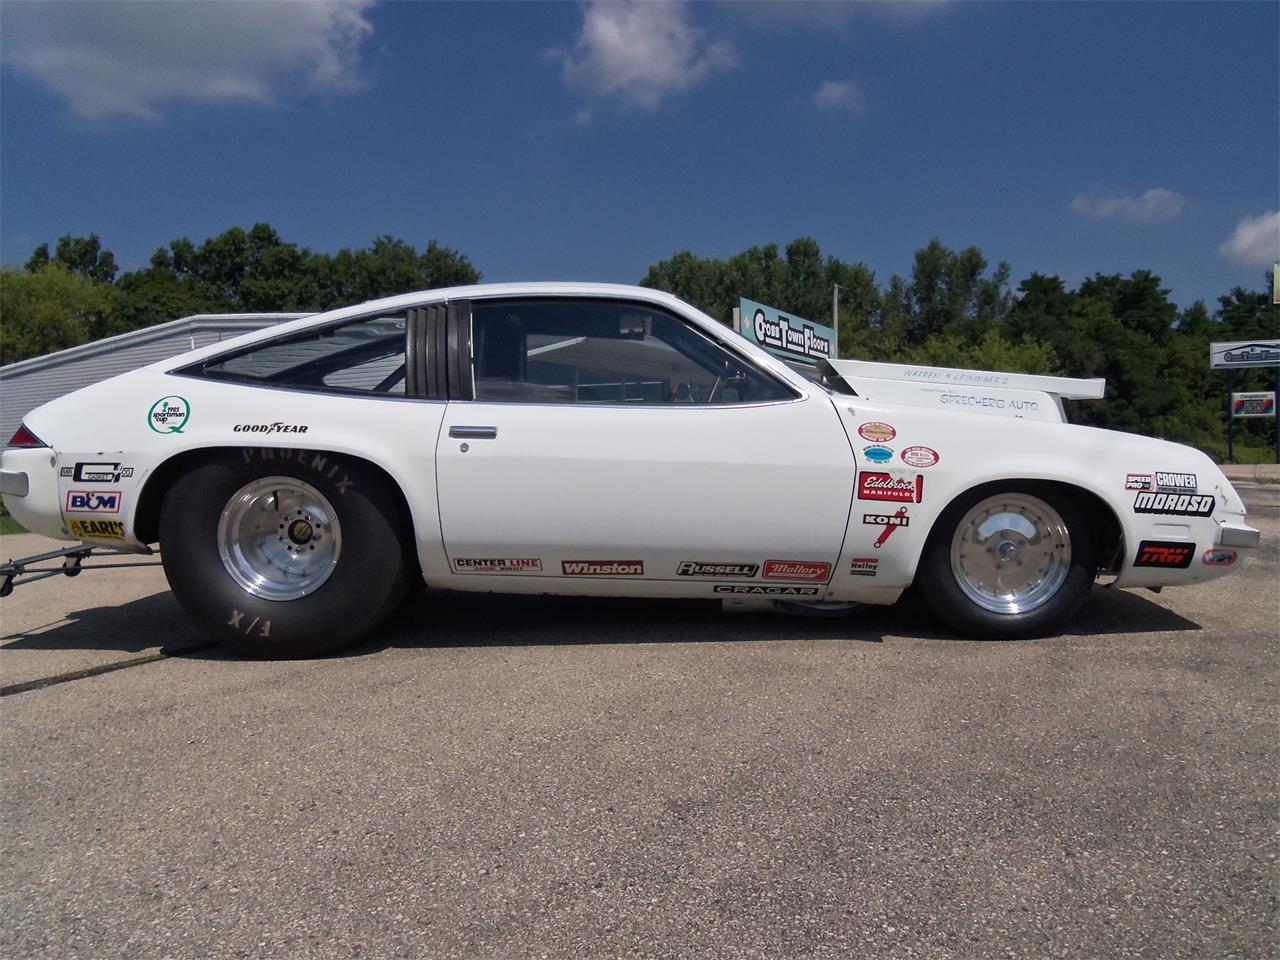 1977 Chevrolet Monza Pro Stock Race Car For Sale